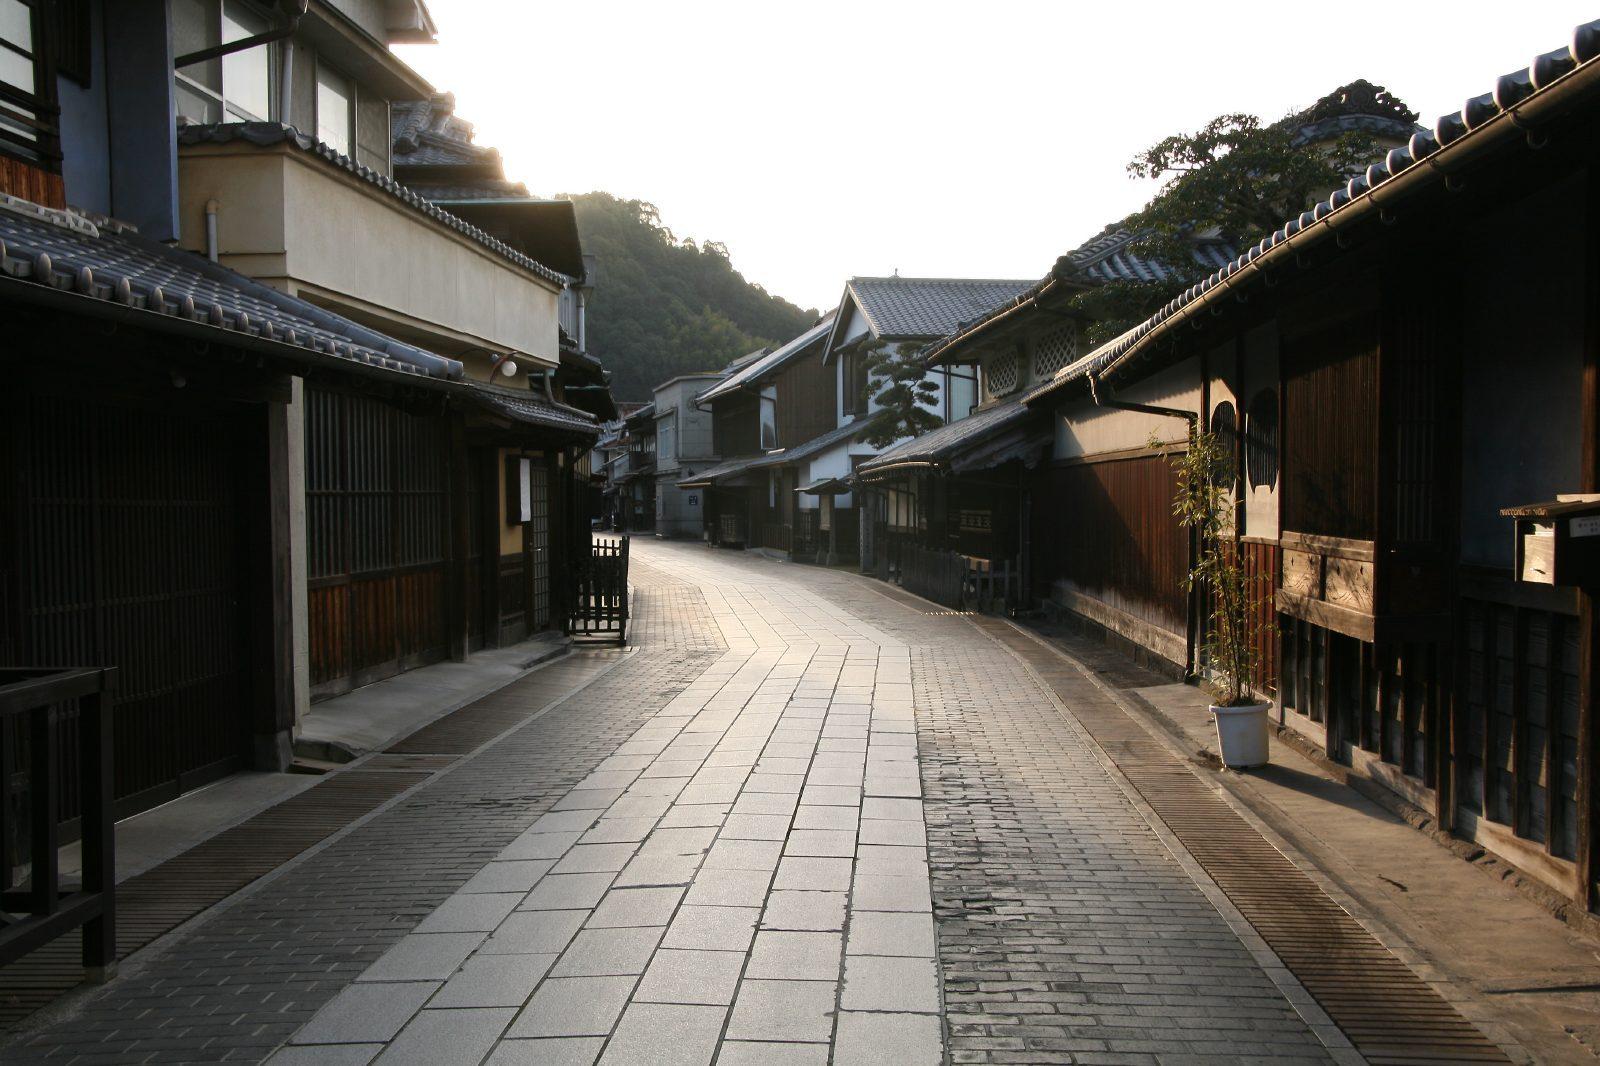 竹原の魅力をフルスクリーンで ... : 日本地図 九州地方 : 日本